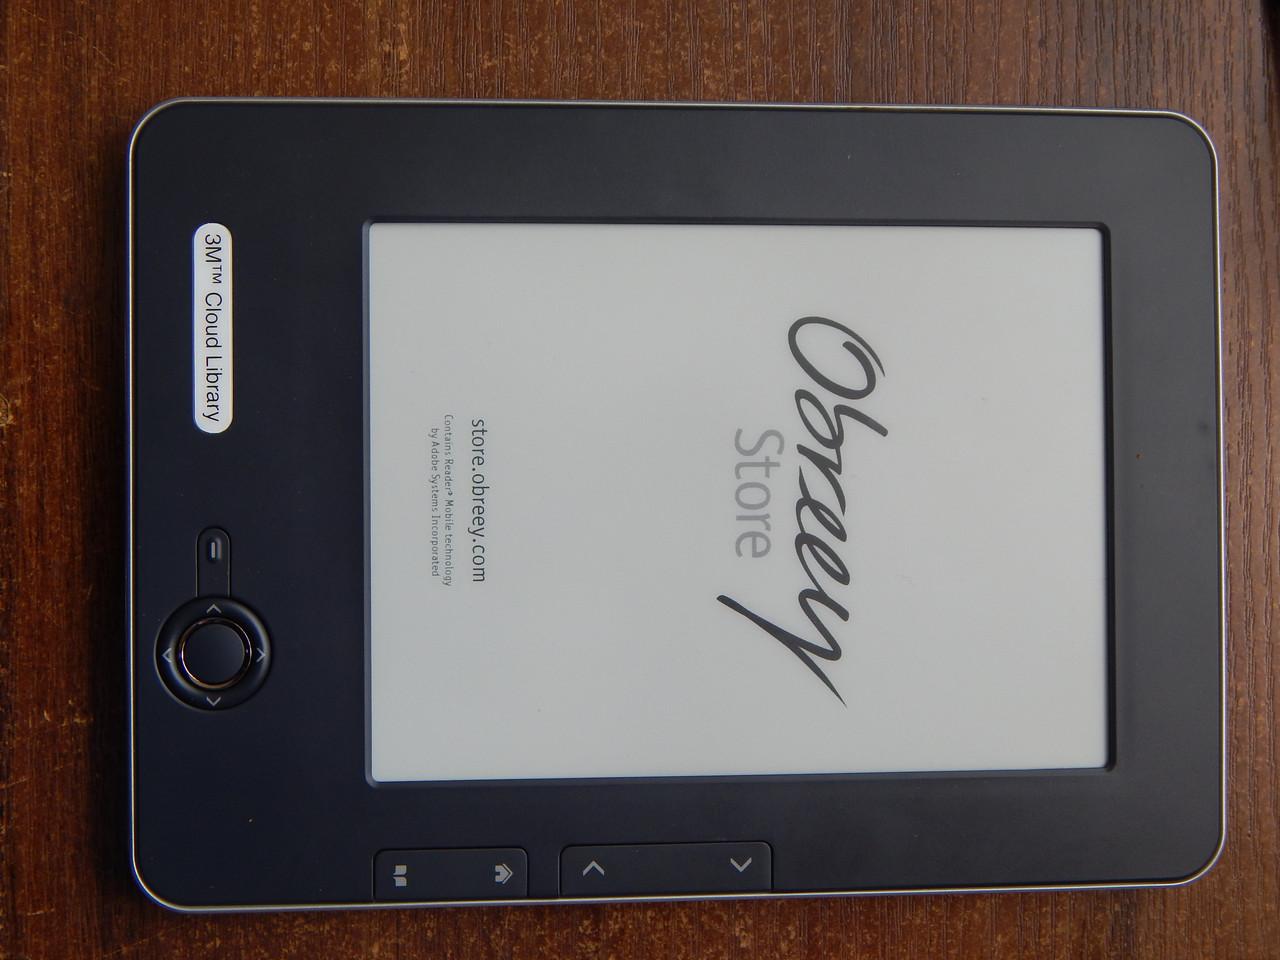 Електронна книга PocketBook Pro 602